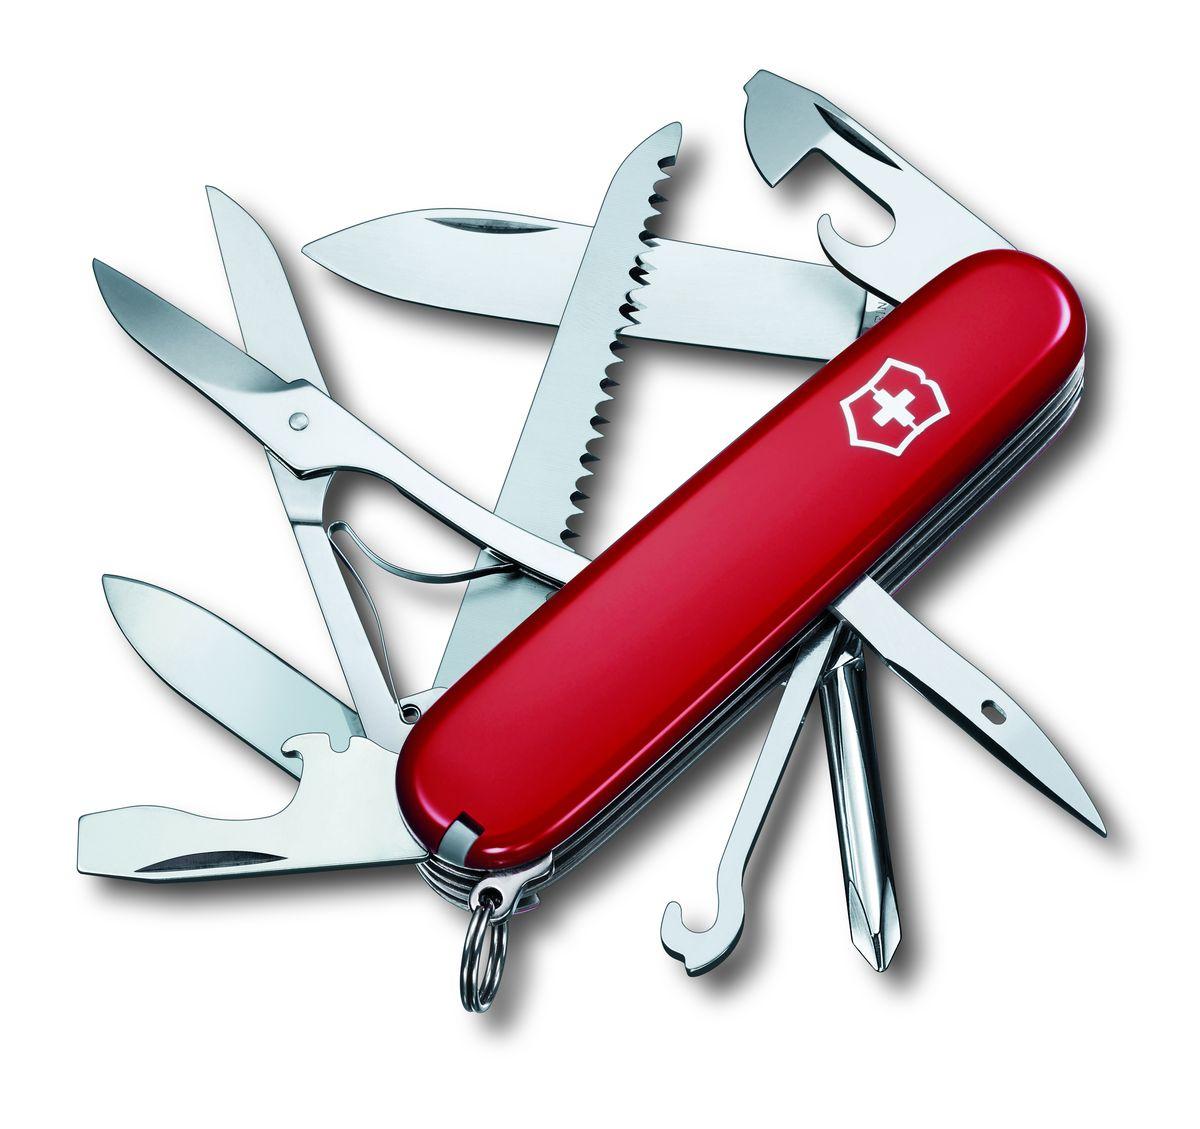 Нож перочинный Victorinox Fieldmaster, цвет: красный, длина 9,1 см1.4713Складной нож Victorinox Fieldmaster пригодиться в походе . Изделие представляет собой компактный многофункциональный инструмент. Все инструменты в закрытом виде располагаются в рукояти, каждый в своей ячейке или специальных пазах. Рукоять ножа выполнена из нейлона. Все функциональные элементы изделия сделаны из высококачественной стали, потому не требуют особого за собой ухода. Функции ножа: Большое лезвие.Малое лезвие.Крестовая отвертка.Консервный нож.Малая отвертка.Открывалка для бутылок.ОтверткаИнструментом для снятия изоляции.Шило, кернер.Кольцо для ключей.Пинцет.Зубочистка.Ножницы.Многофункциональный крючок.Пила по дереву.